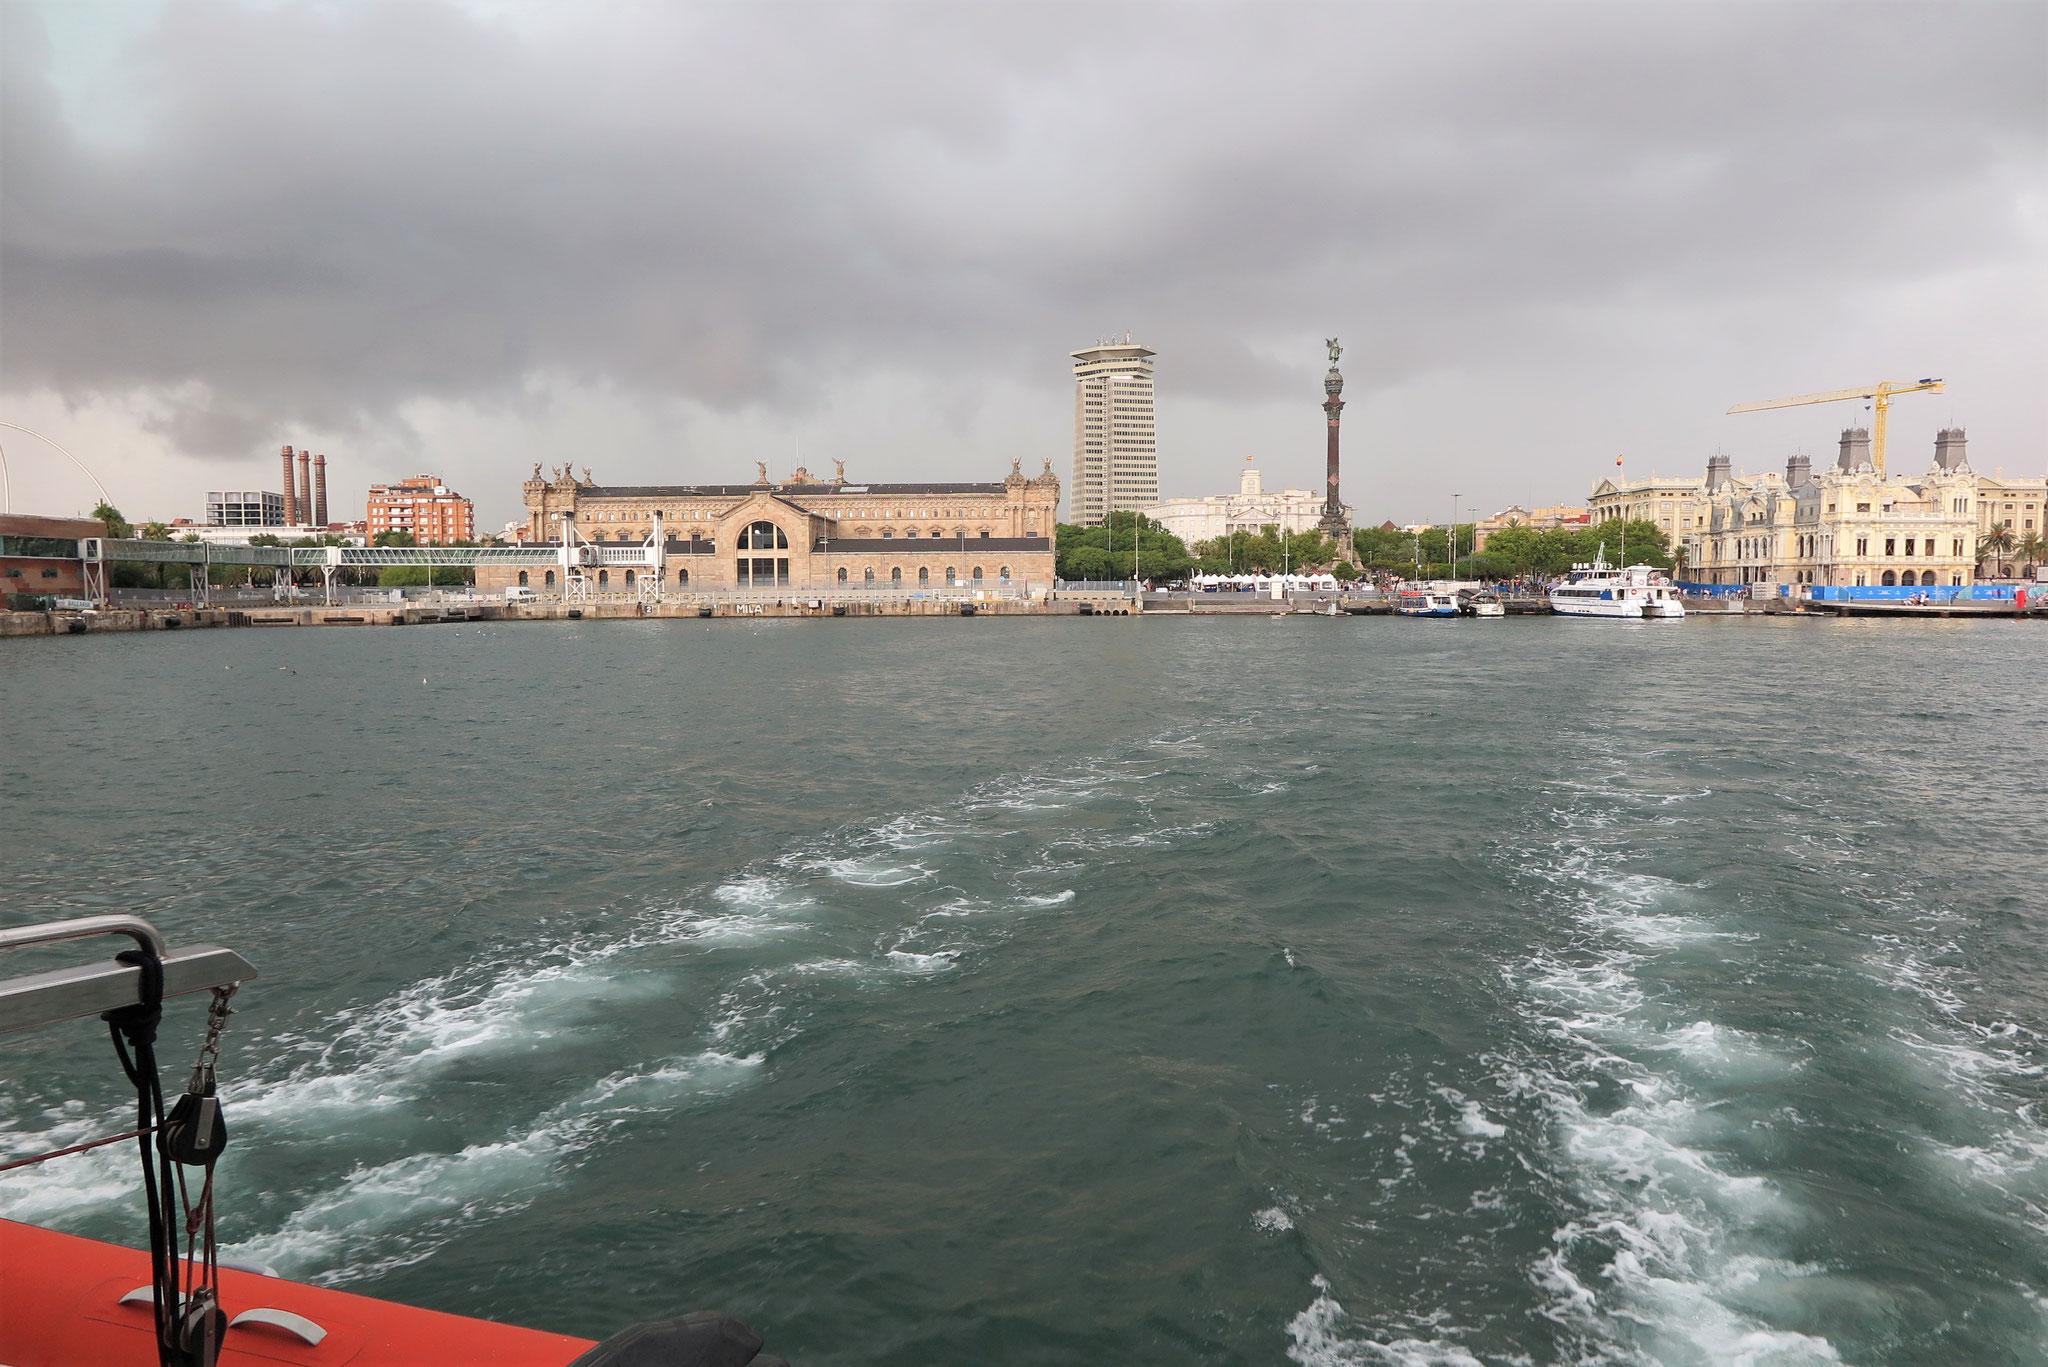 Der letzte Regen, aber heftig: Hafenrundfahrt inklusive Gewittersturm in Barcelona.